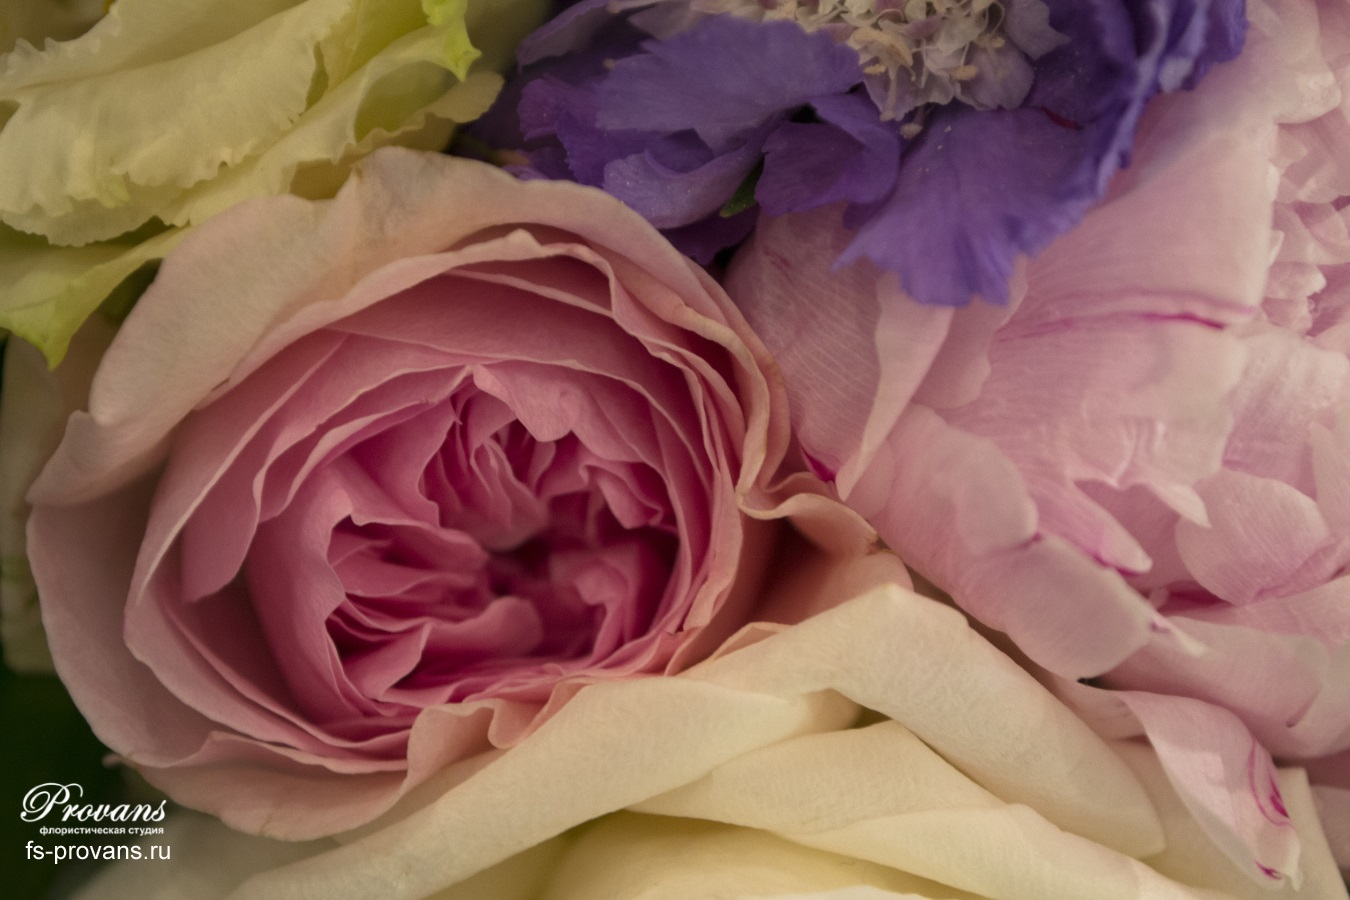 Свадебный букет. Пионовидные розы, пионы, скабиоза, эустома